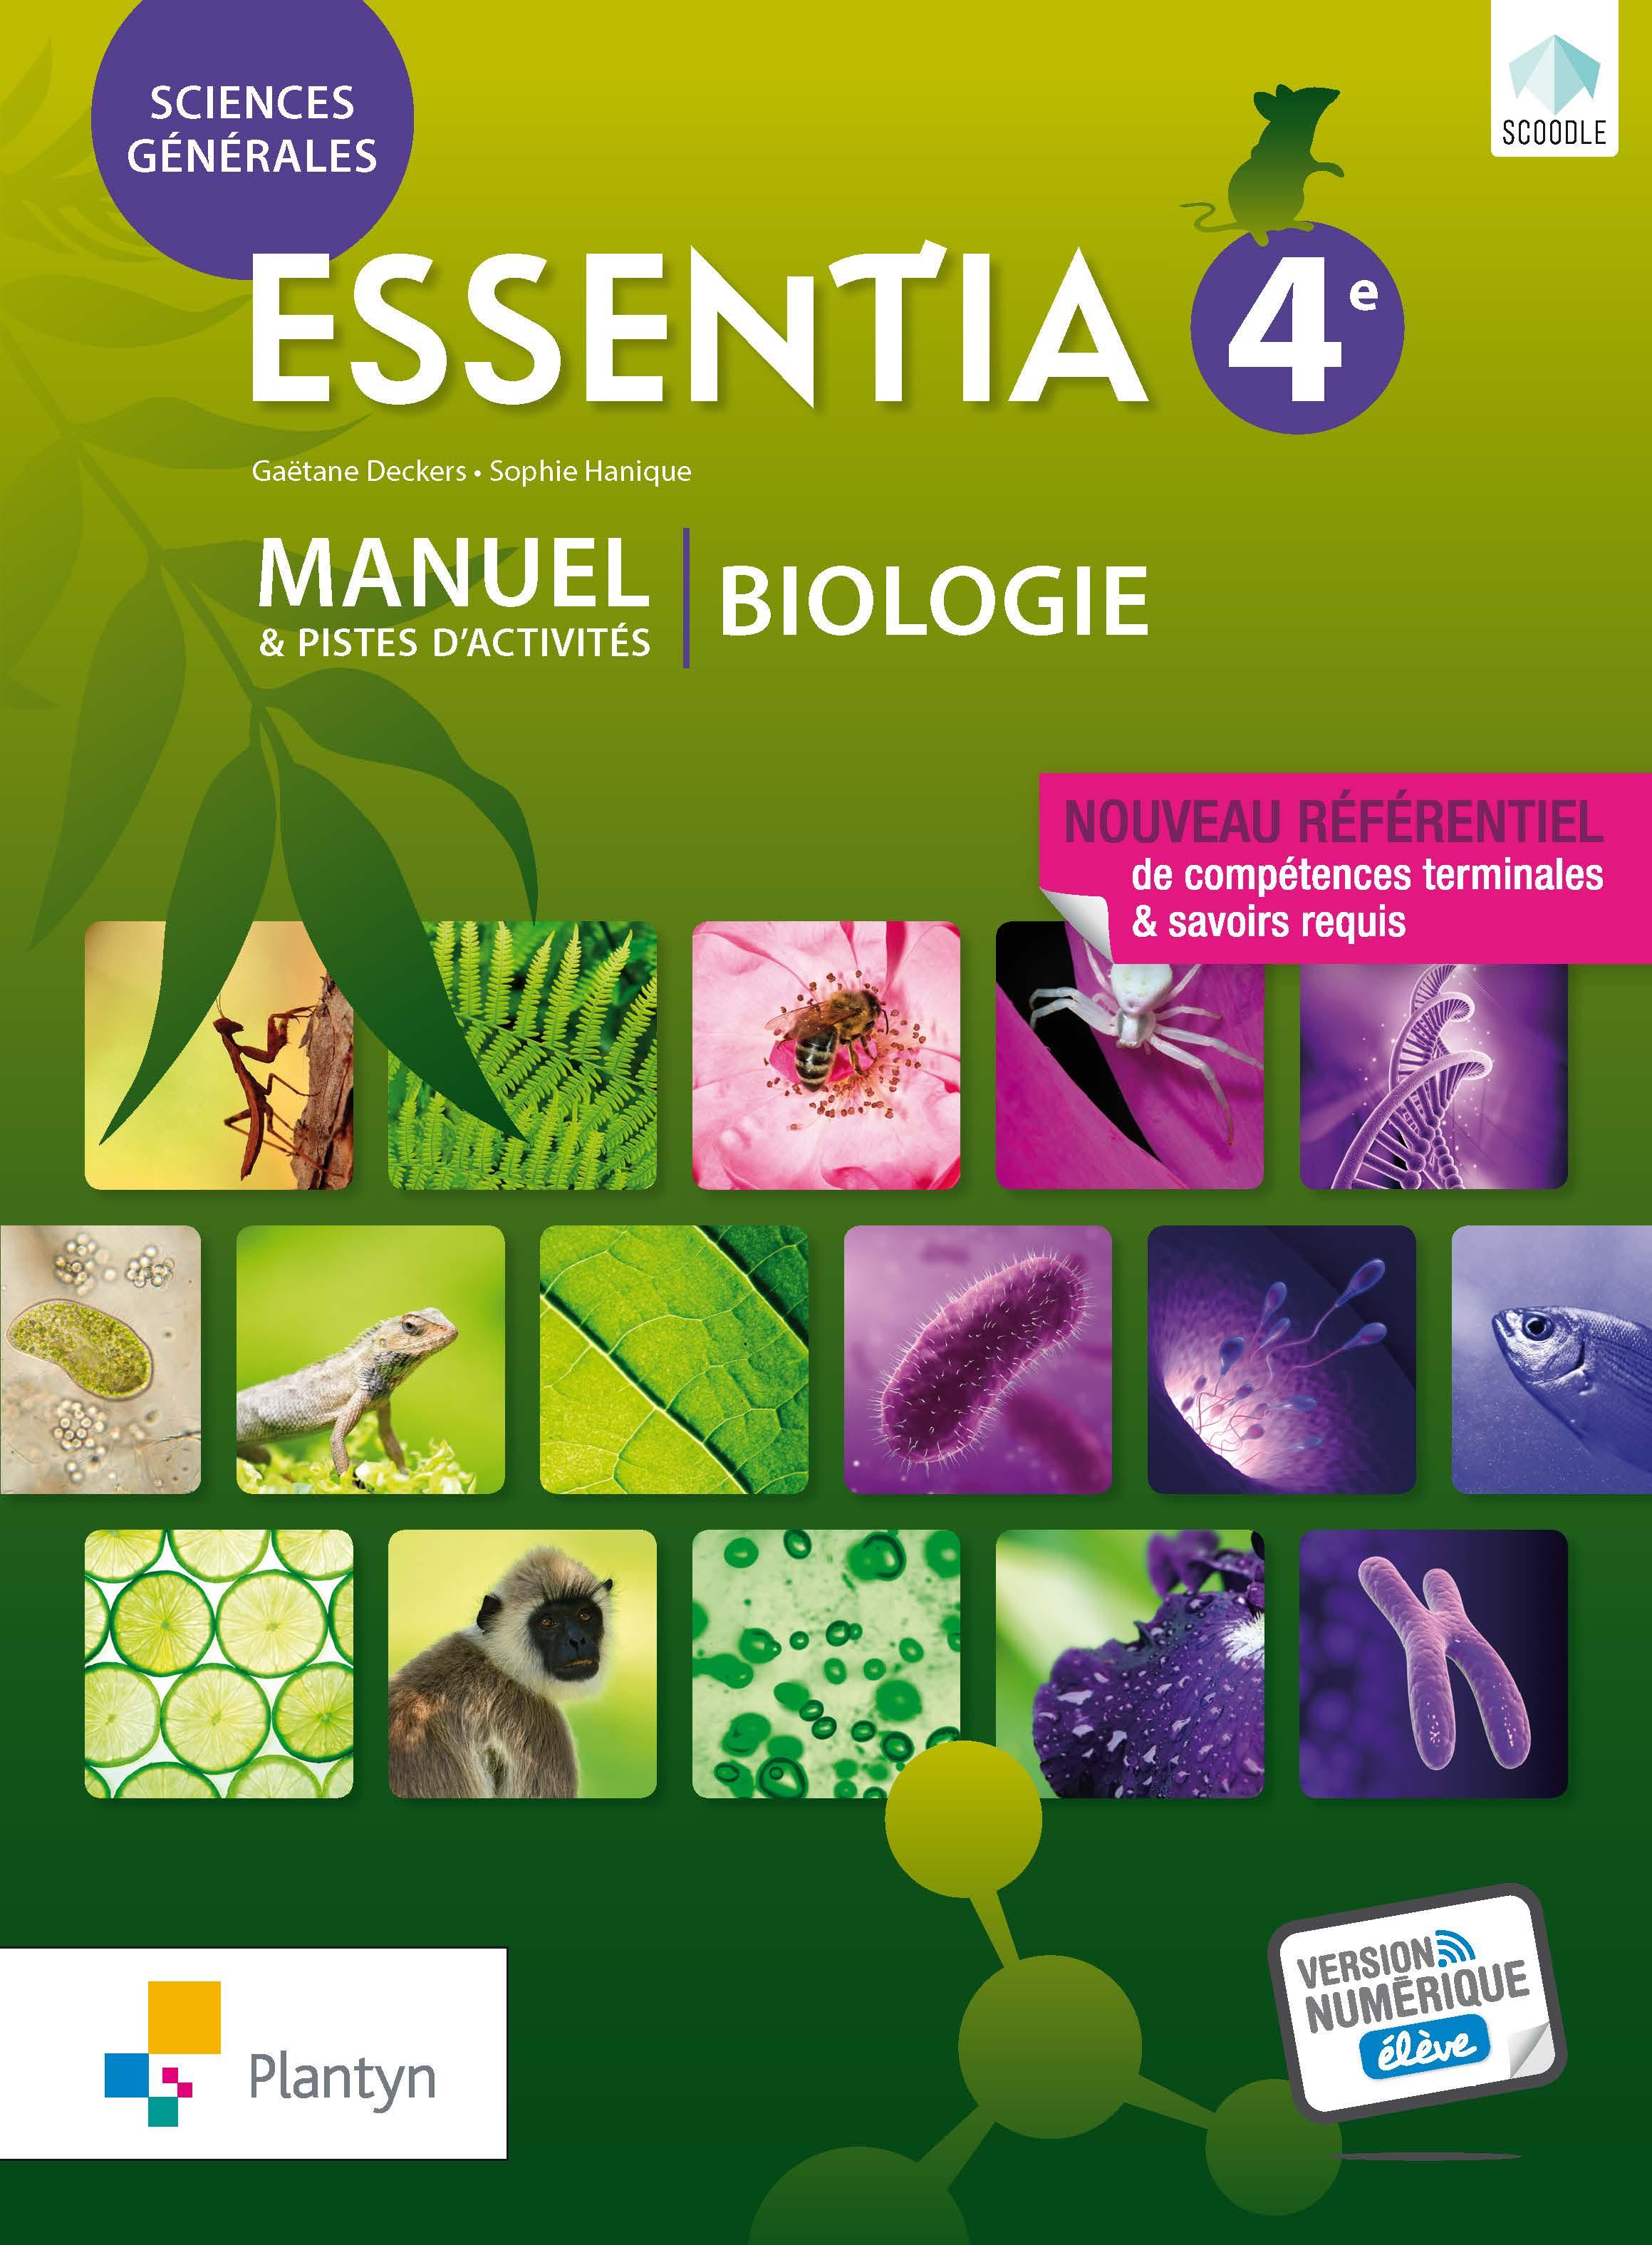 Essentia 4e. Manuel et piste d'activité : Biologie